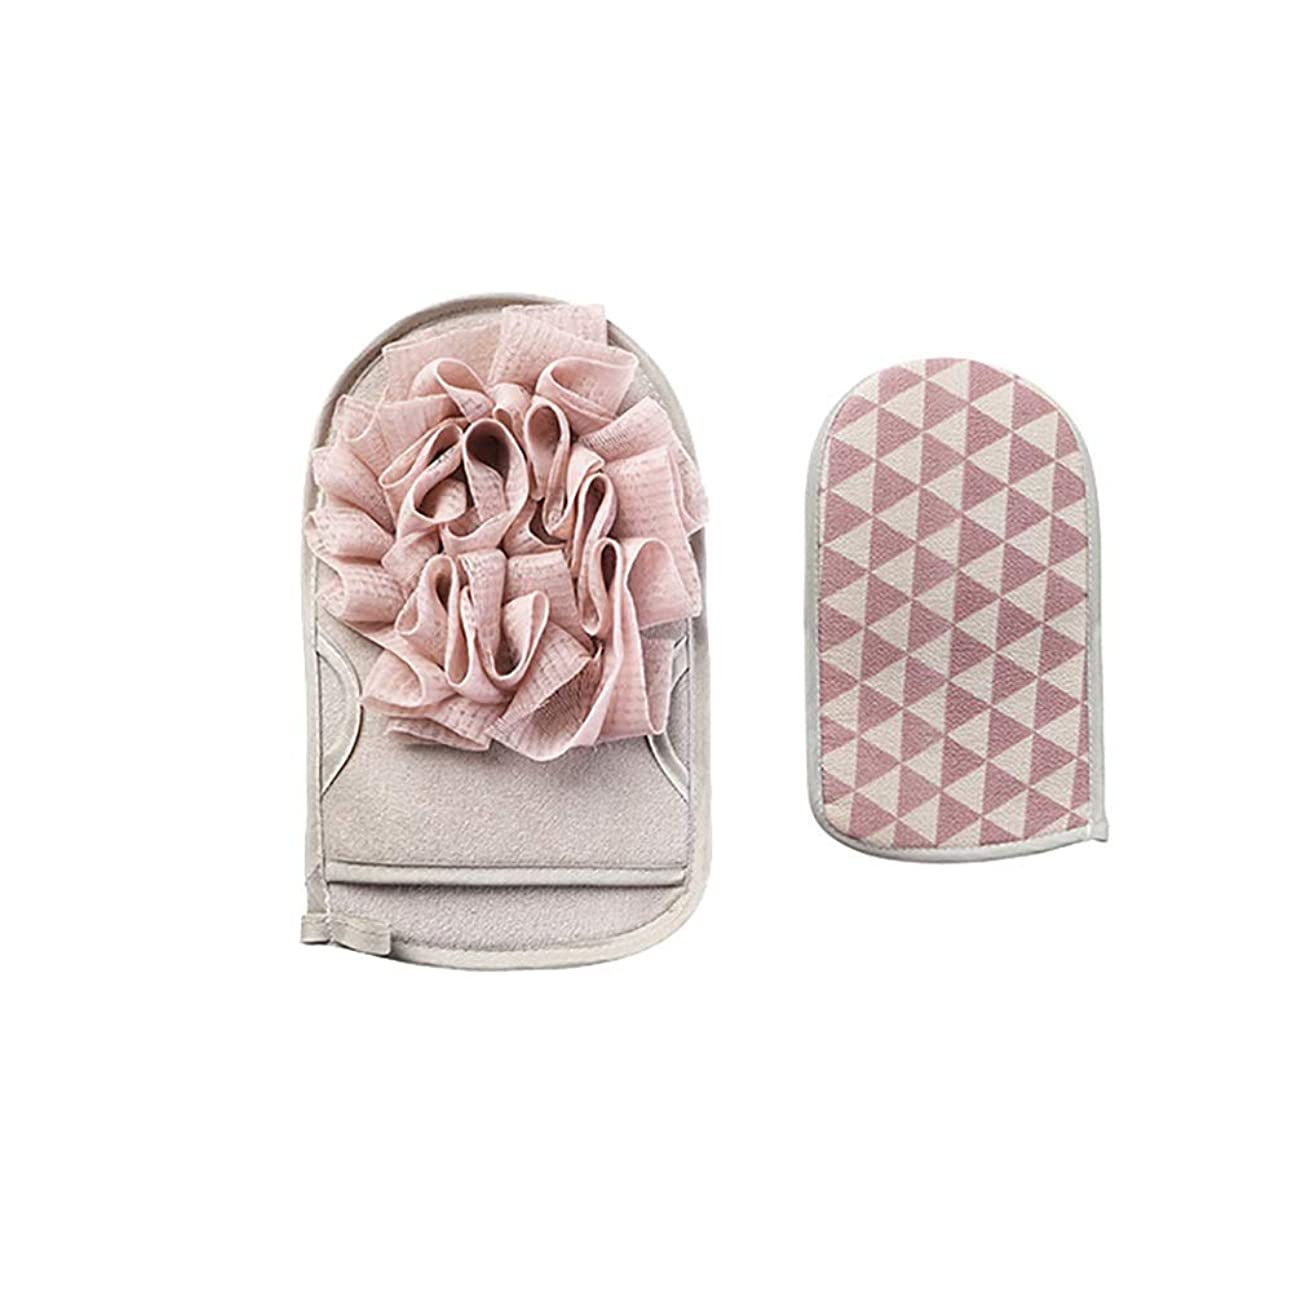 スカート全能食事を調理するユニセックス家庭用両面お風呂手袋お風呂洗面、両面植物繊維、柔らかく乾燥しやすい、痛みを伴わないバスタオル (Color : Gray)